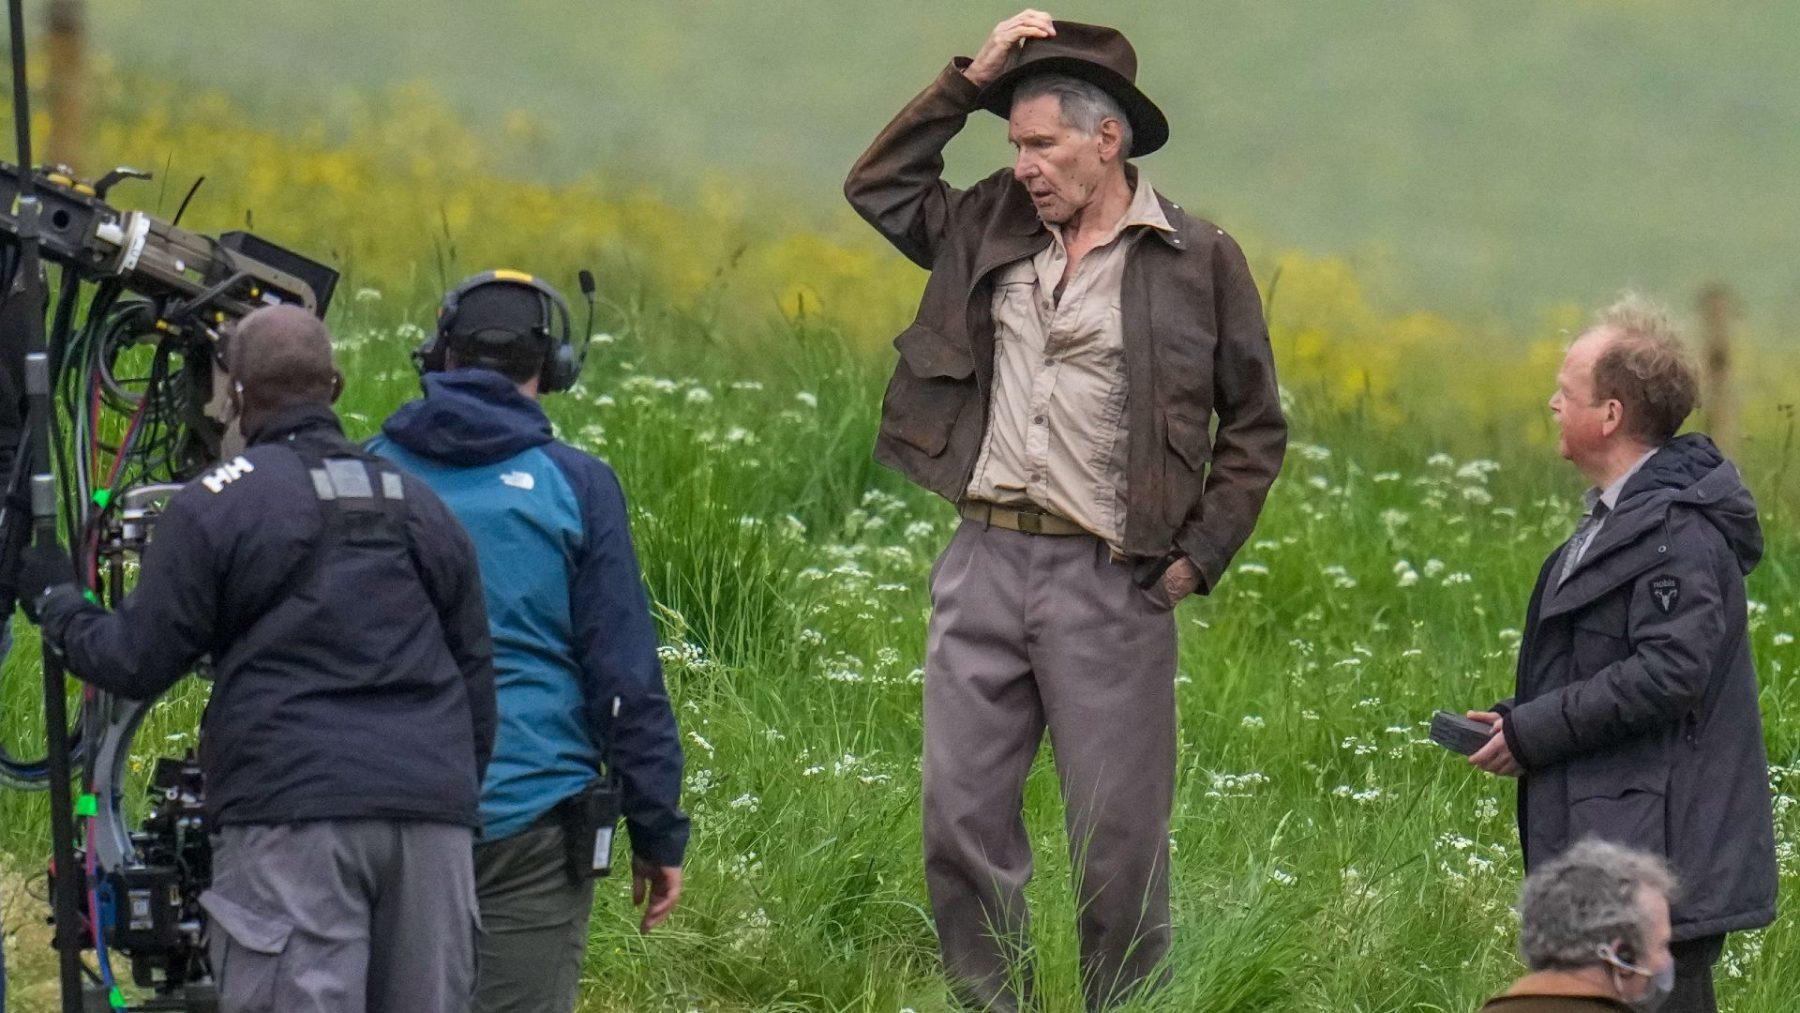 Inwoners Londen klagen over overlast opnames Indiana Jones-film